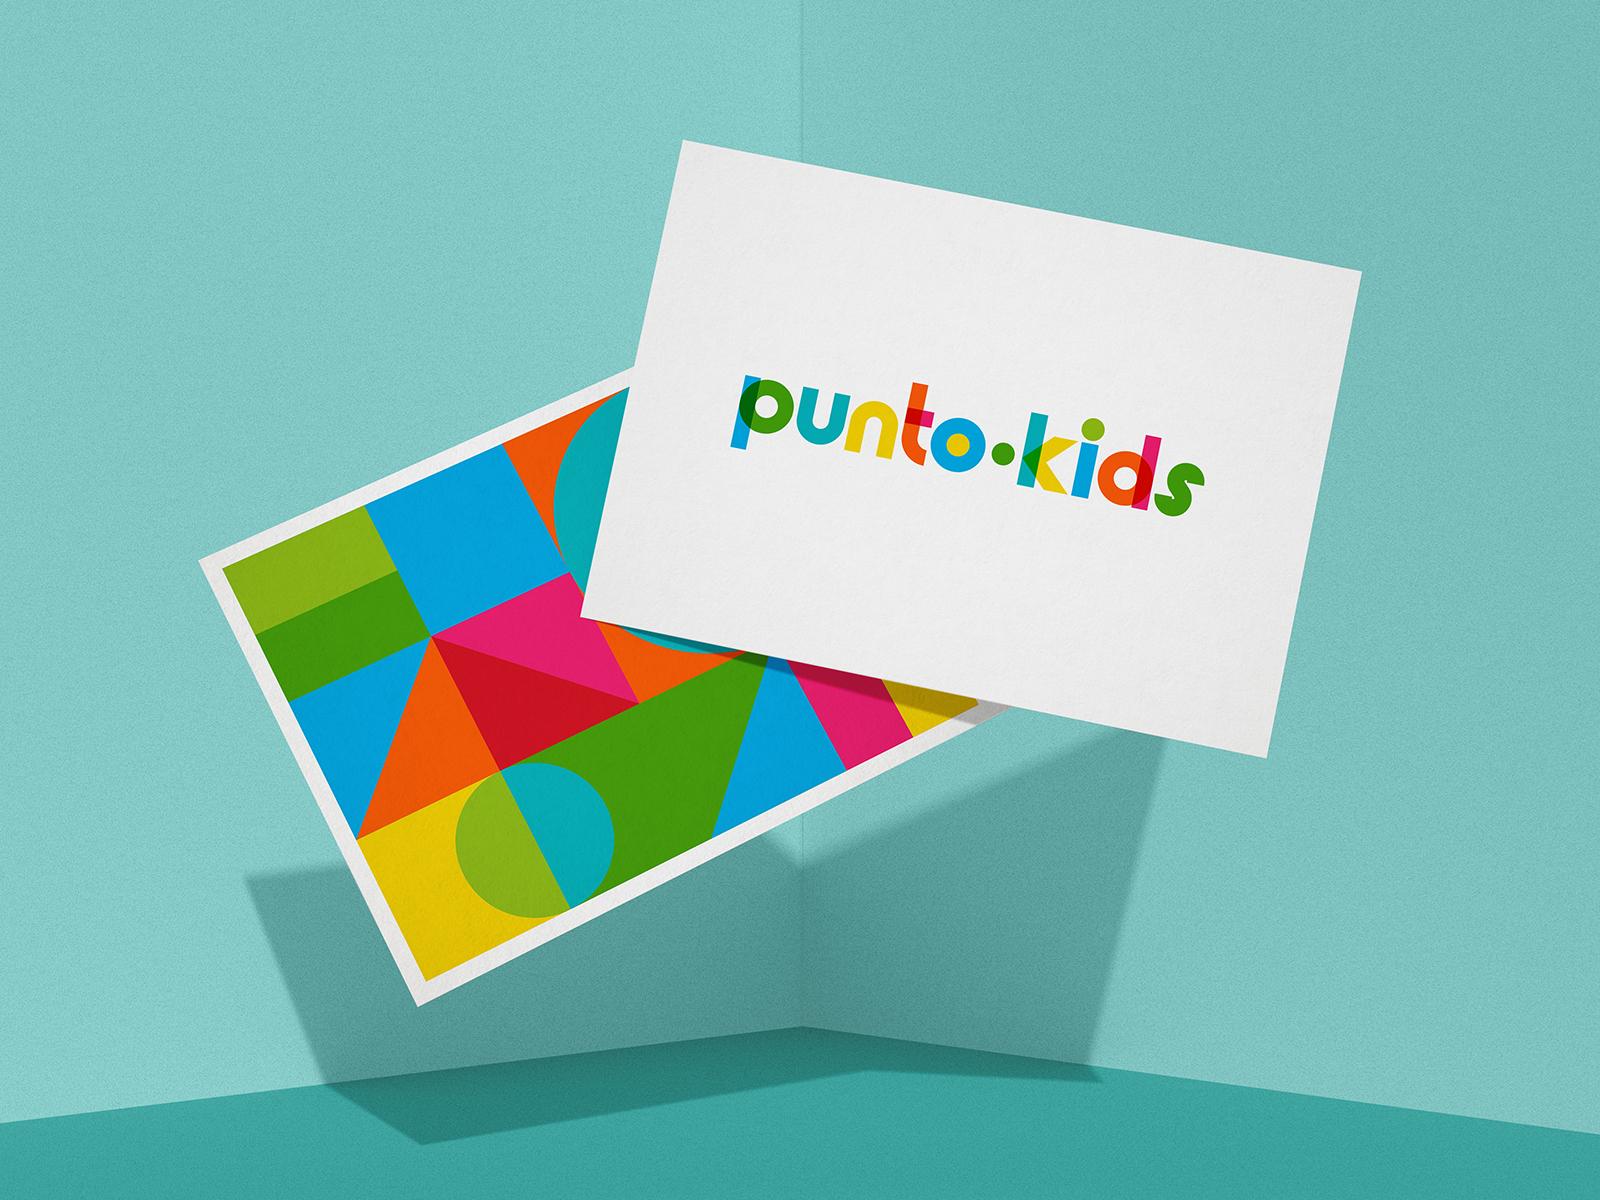 PuntoK_logo